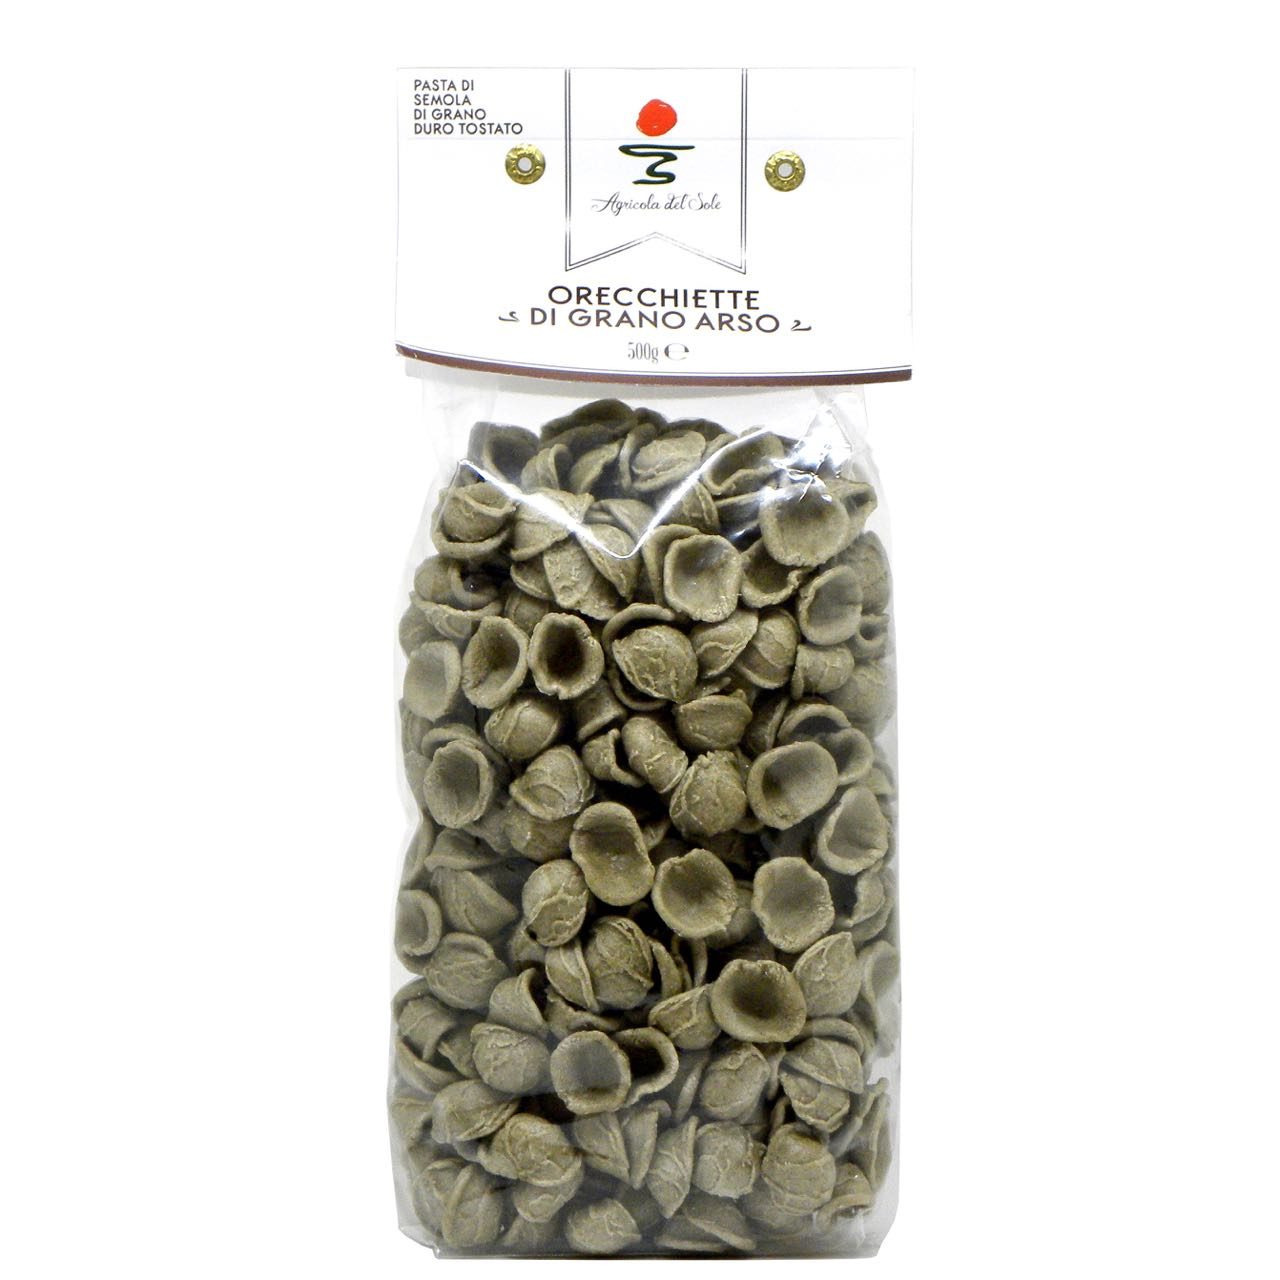 Orecchiette di grano arso Agricola del Sole – burned wheat orecchiette pasta – Gustorotondo Italian food boutique – I migliori cibi online – Best Italian foods online – spesa online